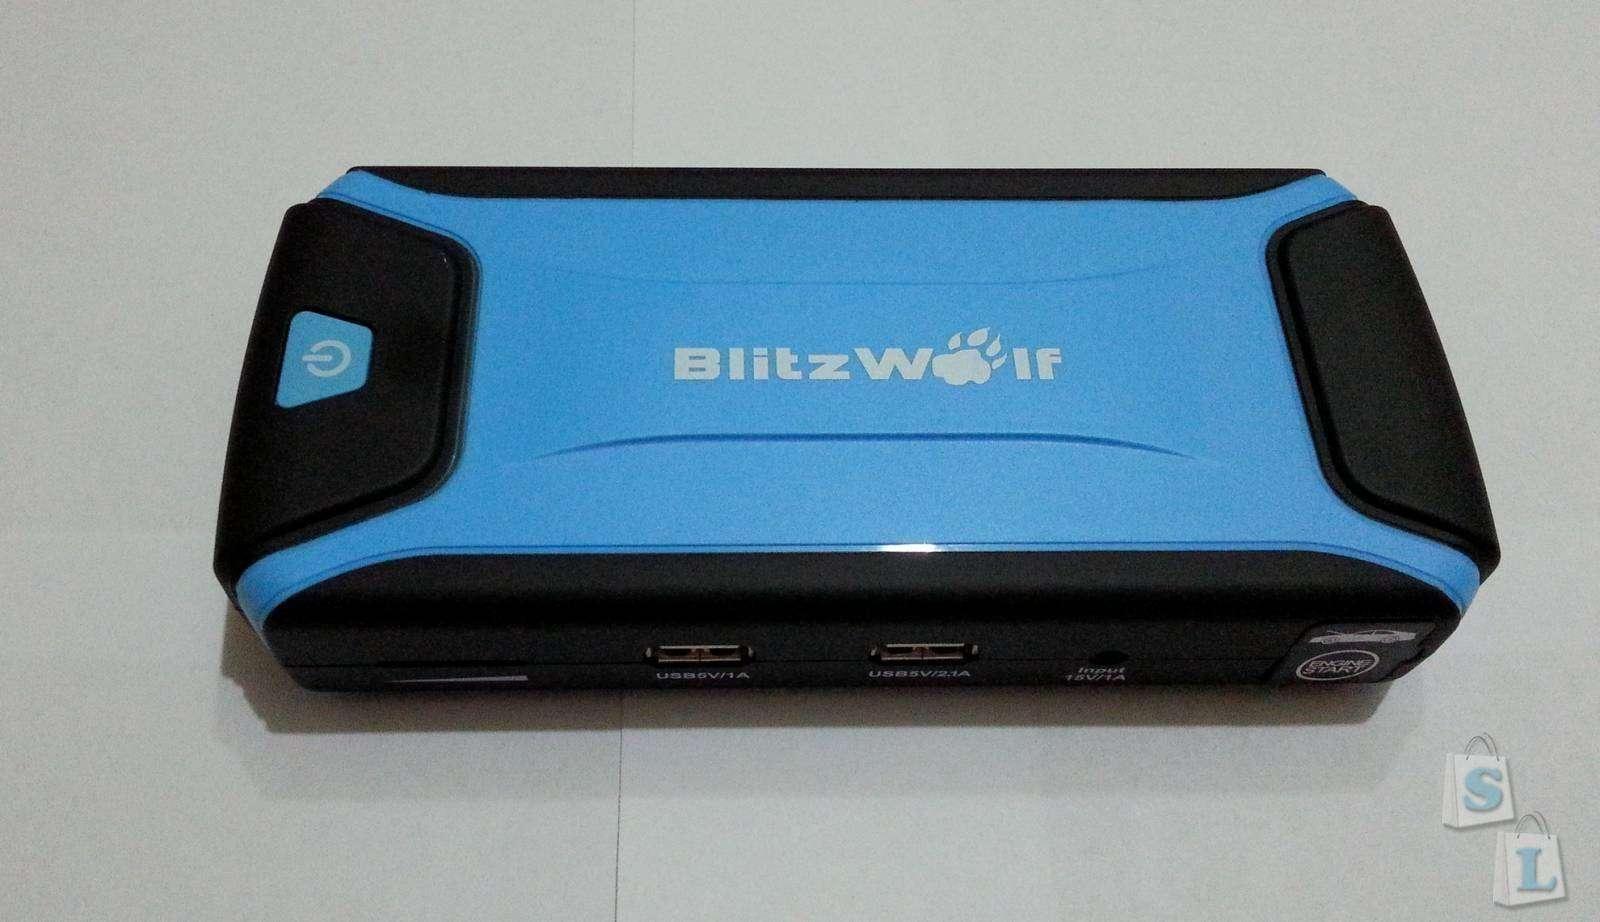 Banggood: Брендовый автомобильный пускач/ПБ BlitzWolf K3 12000mah